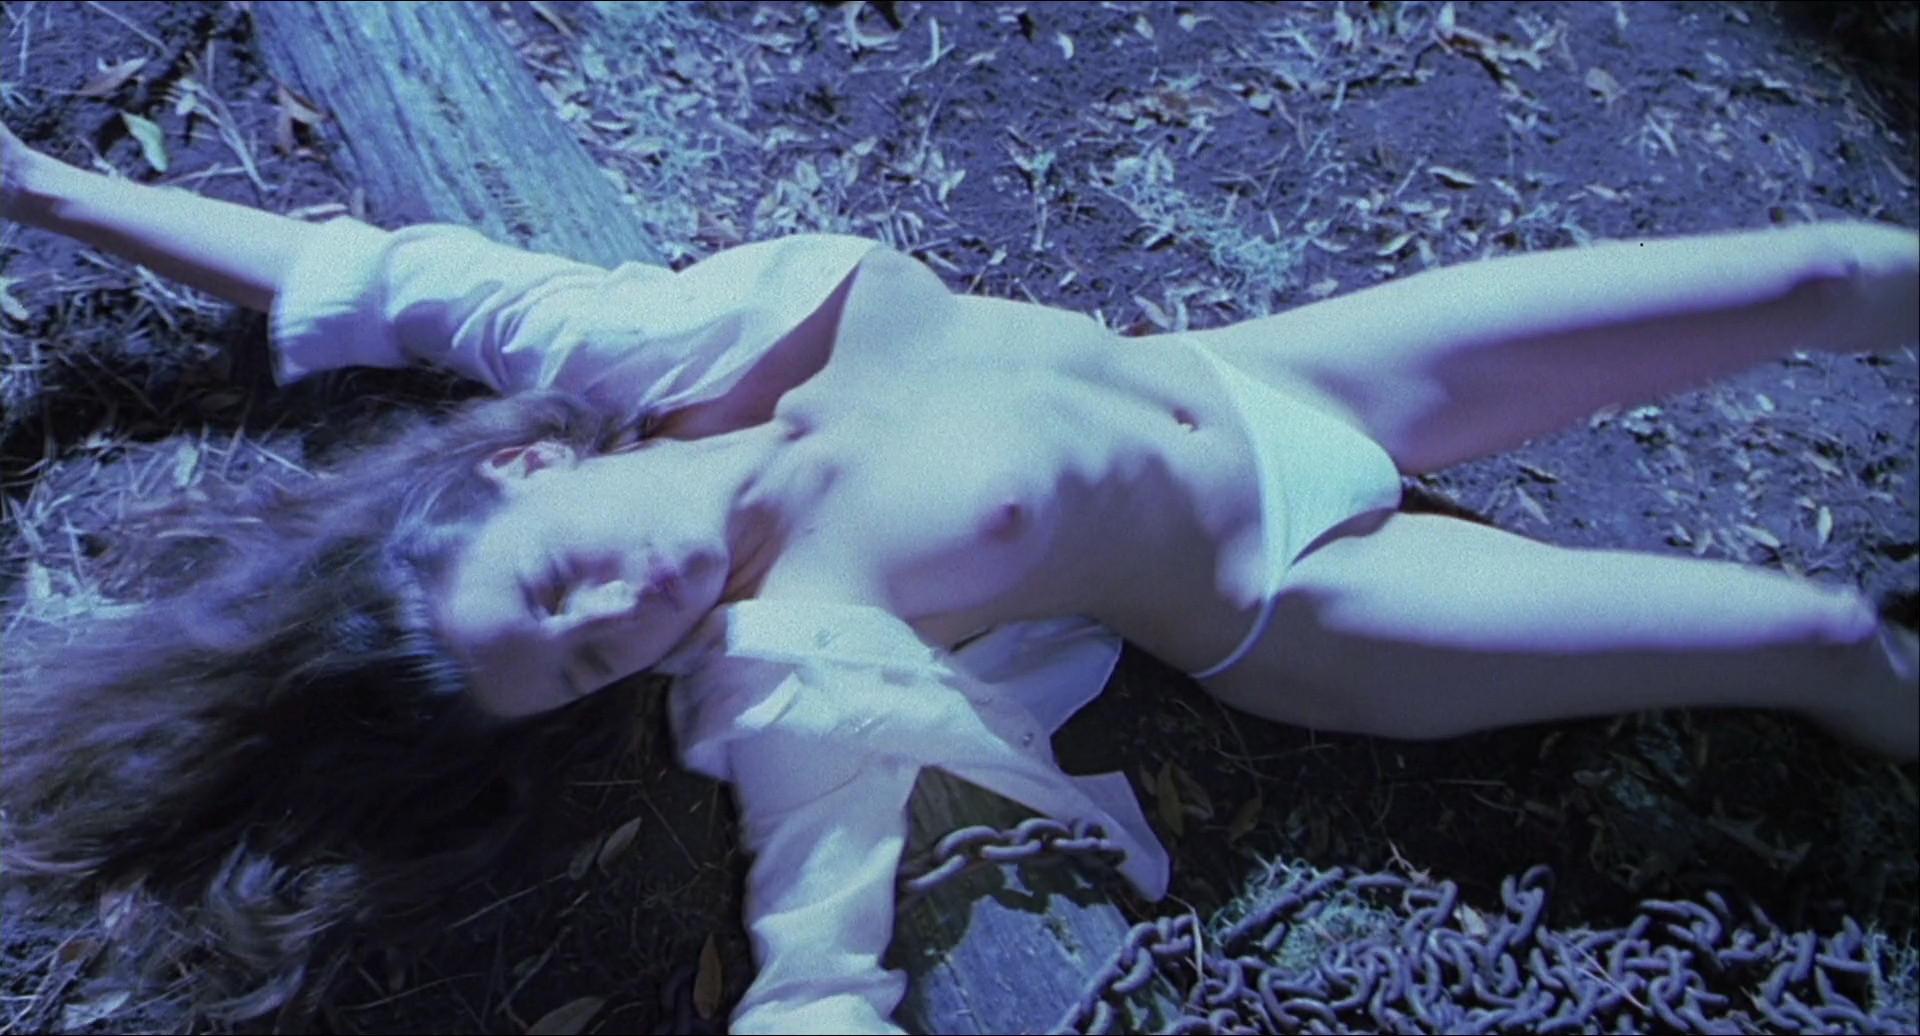 Katie homes nude